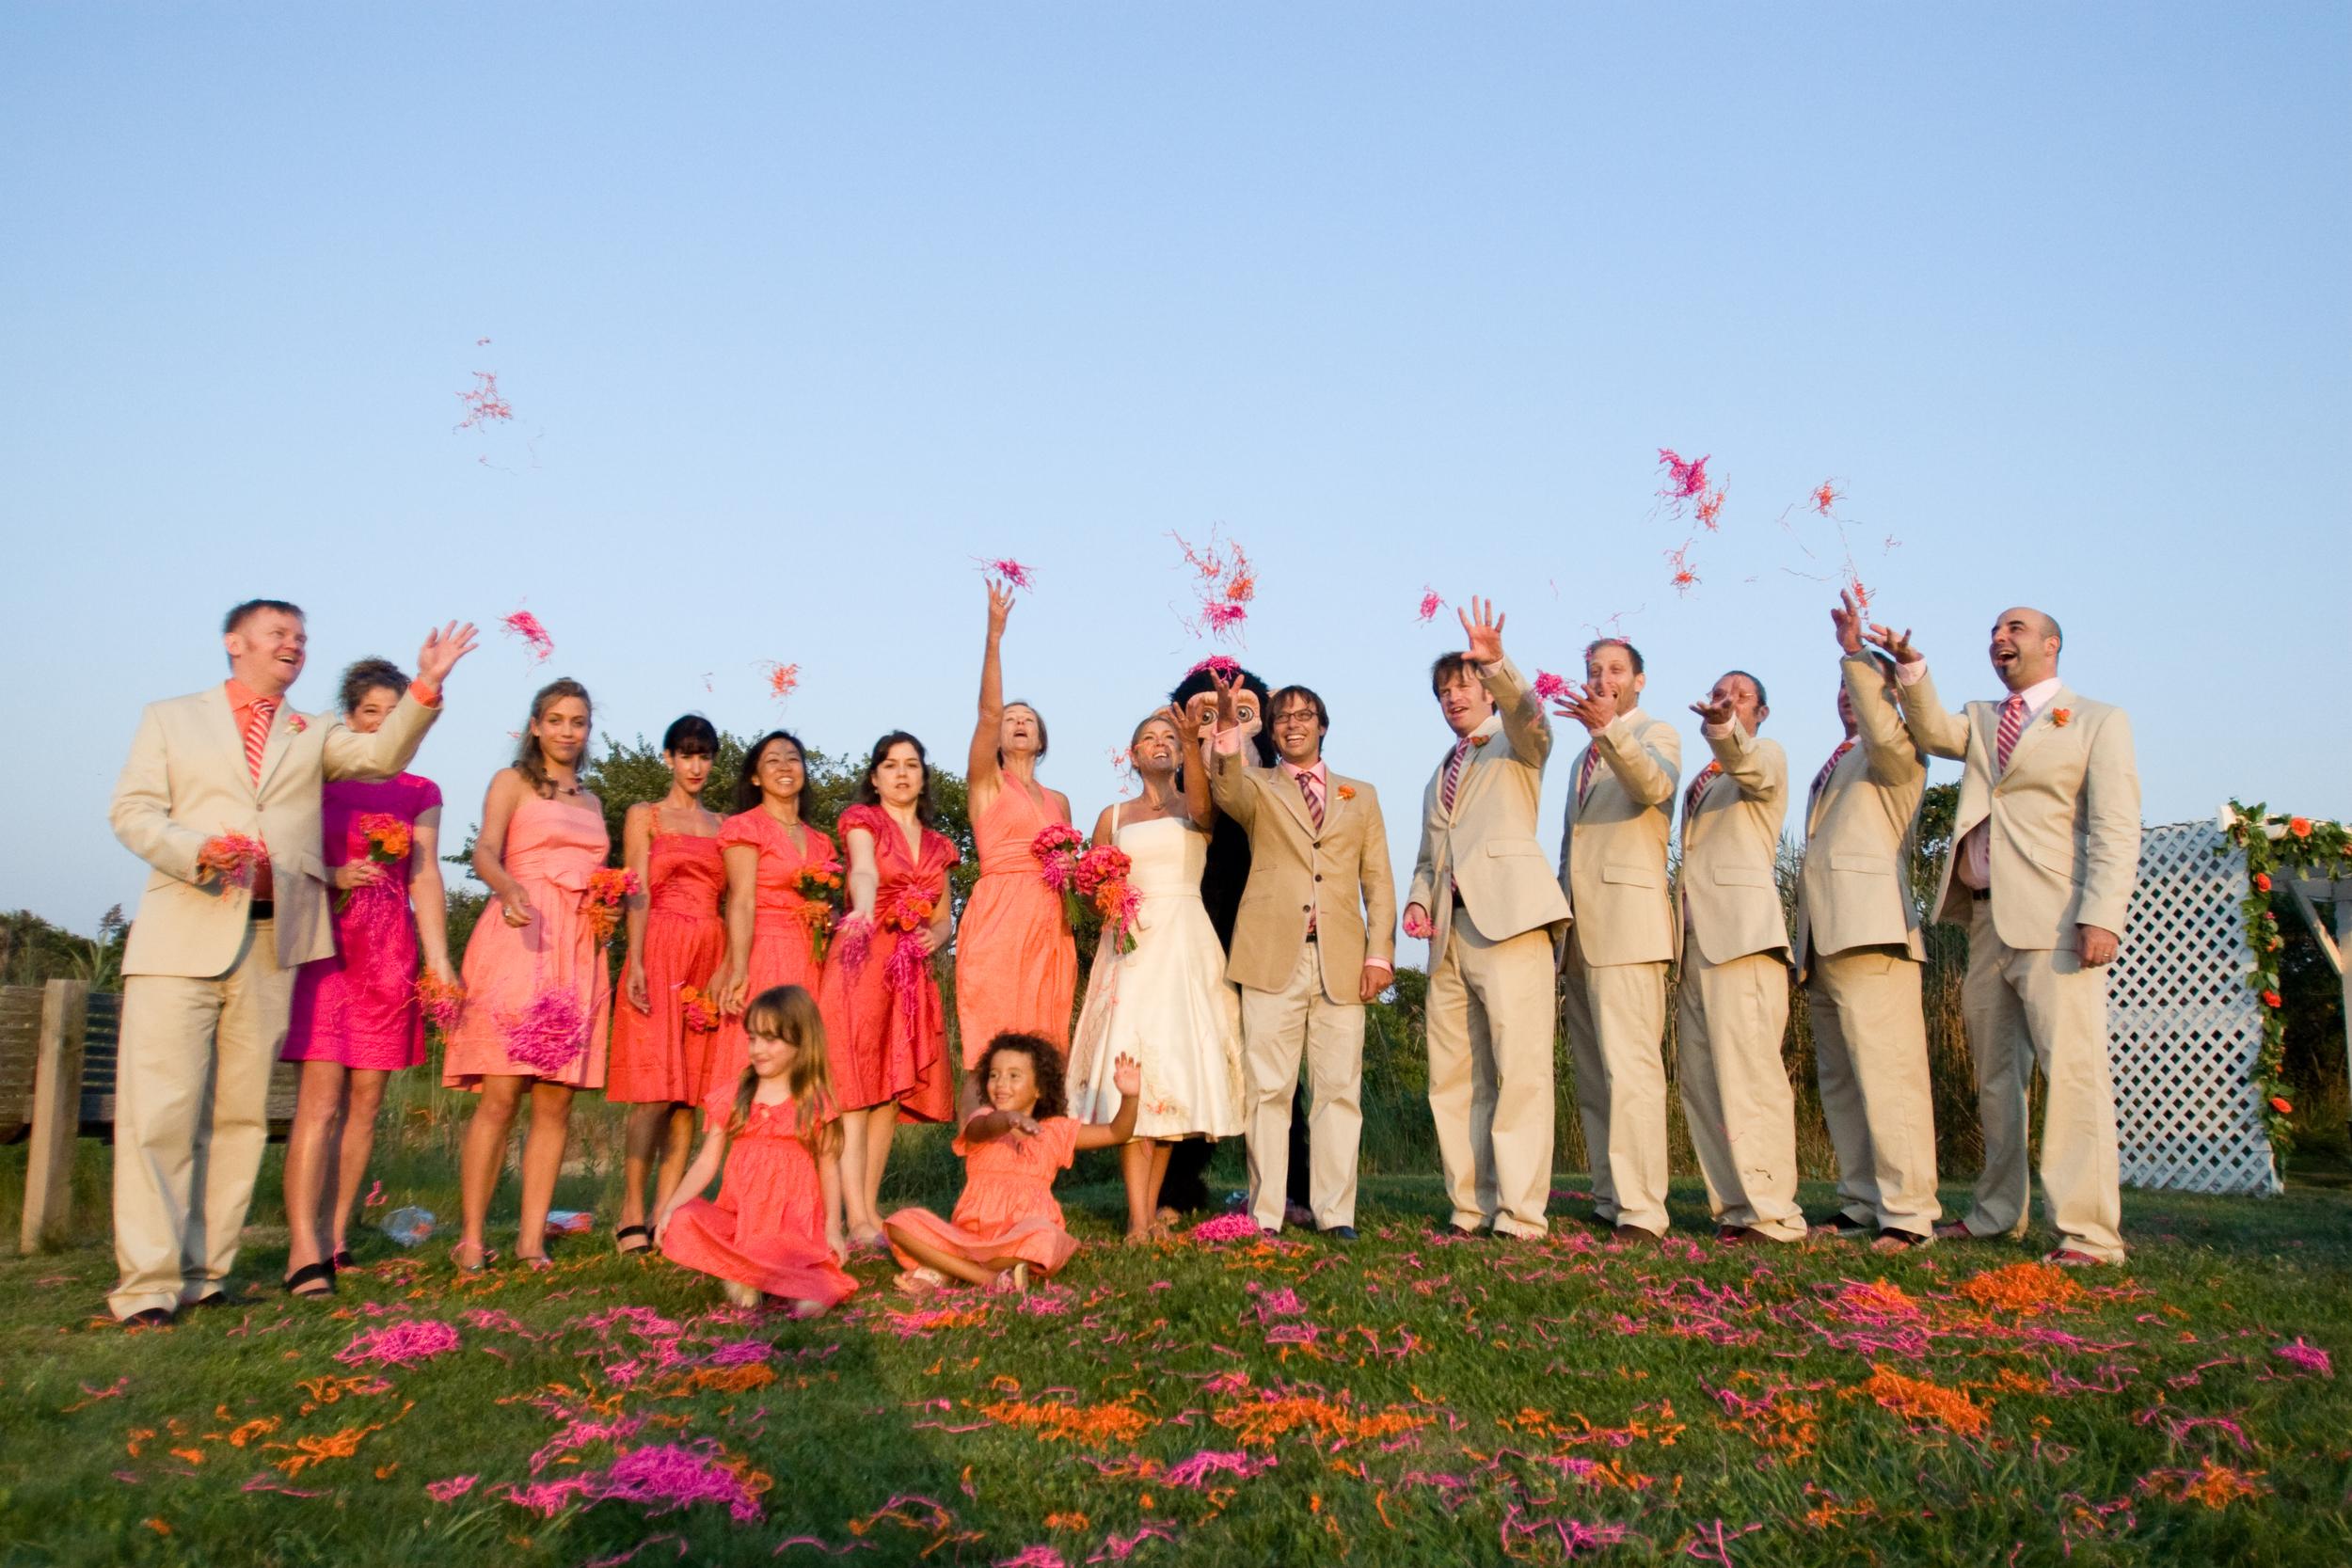 Our Montauk wedding